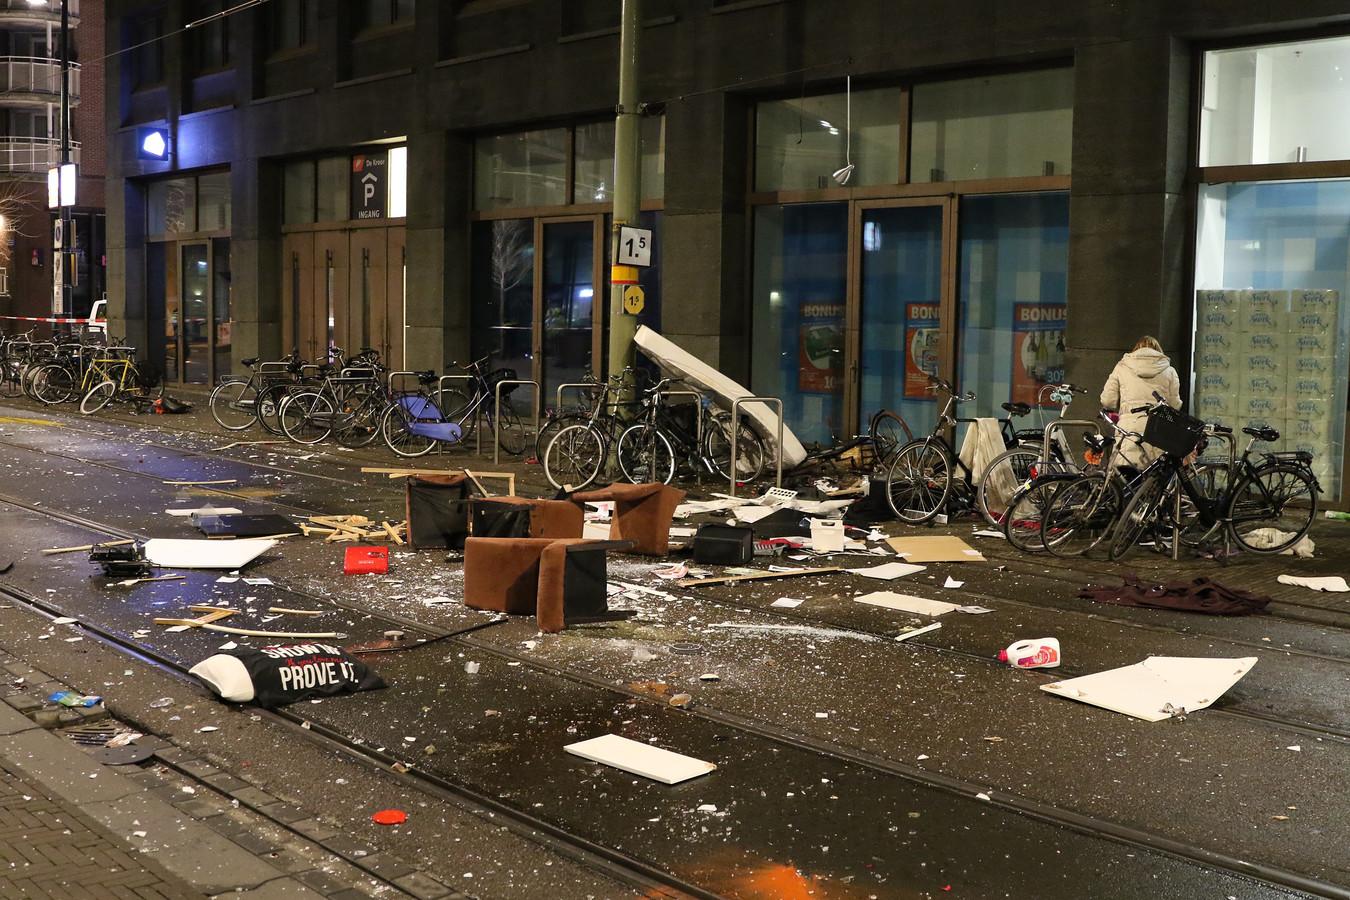 De 31-jarige Malek F. die op Bevrijdingsdag 2018  in alle kalmte lukraak op drie mensen instak in Den Haag, haalde in februari van dat jaar ook al het nieuws toen hij vanuit zijn appartement in de Haagse binnenstad in hysterische toestand zijn huisraad van de eerste verdieping naar beneden gooide.